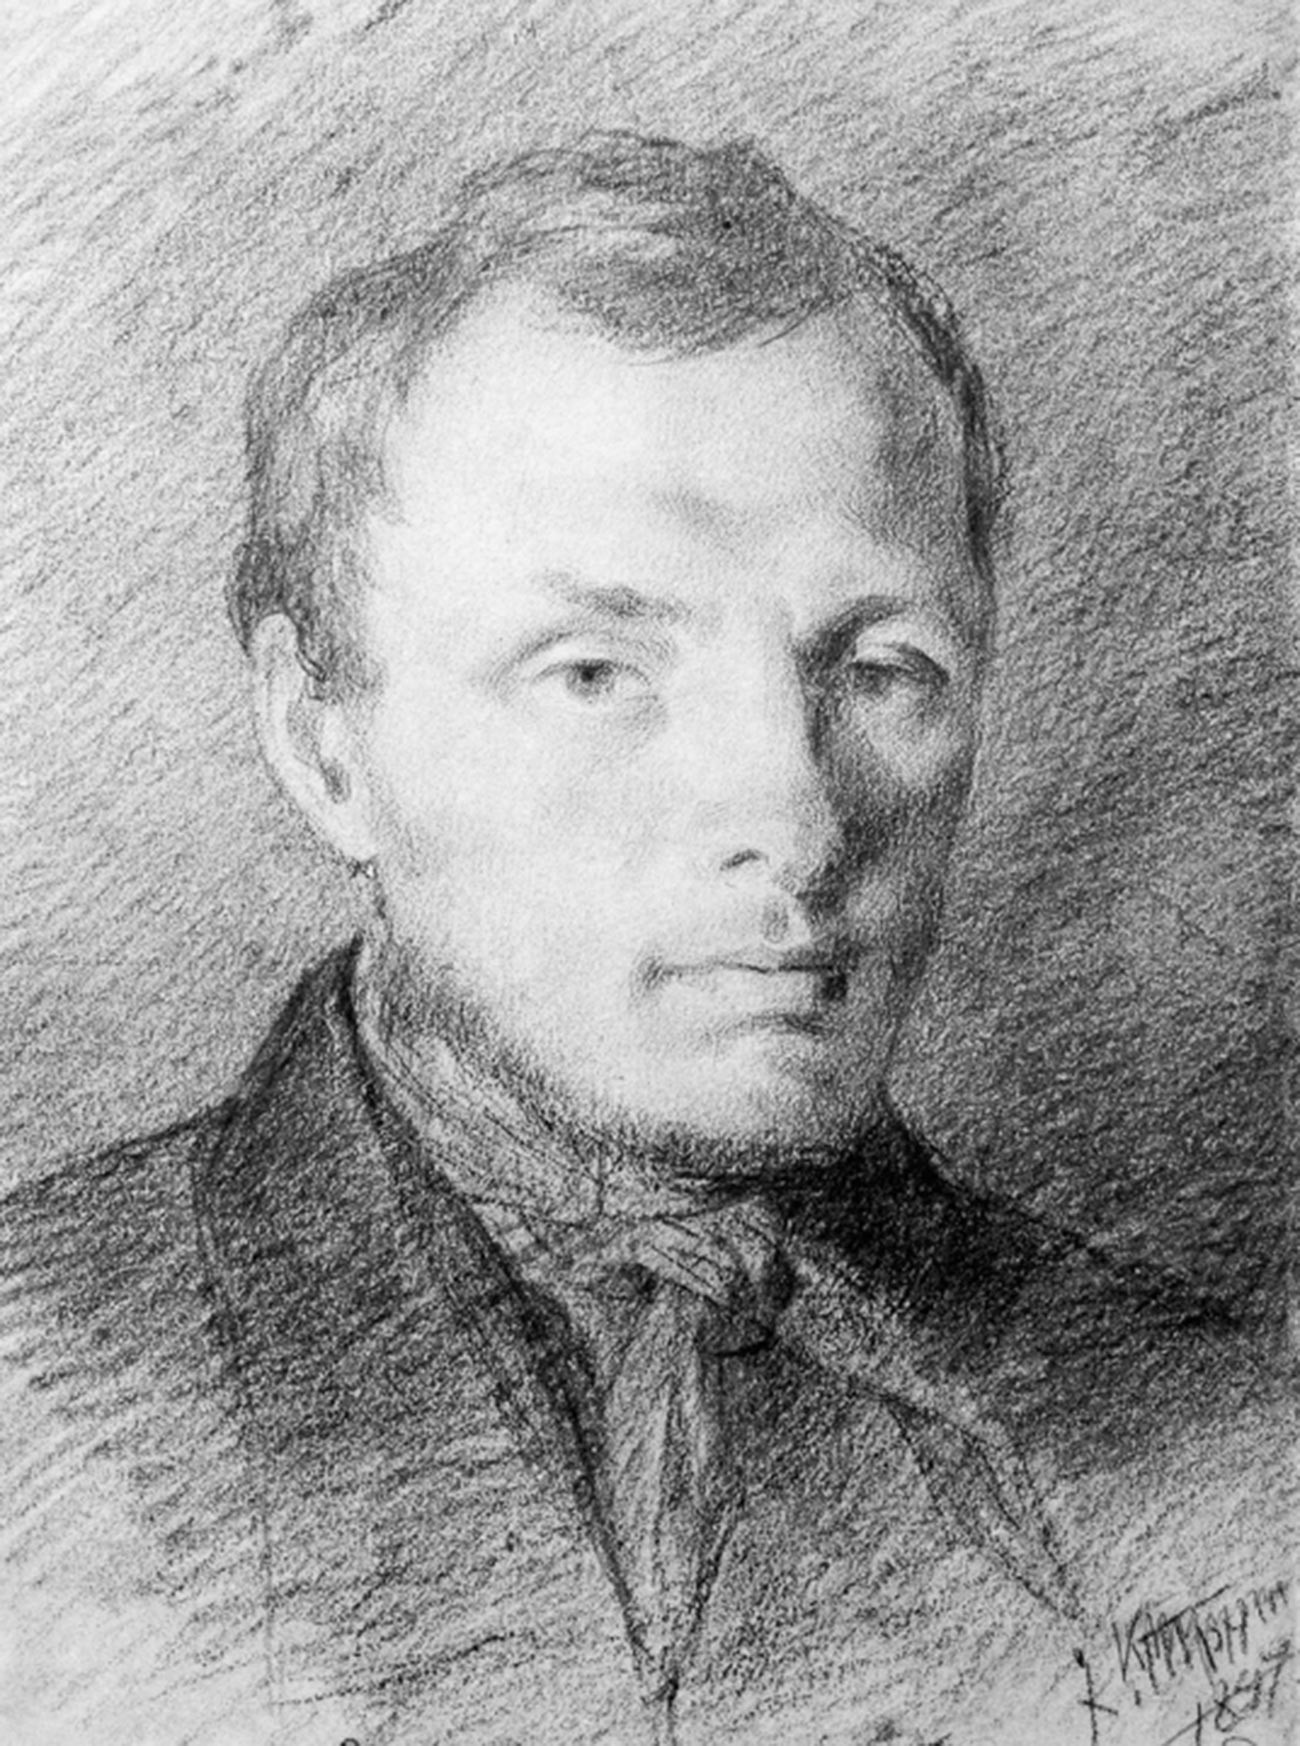 Portrait de Fiodor Dostoïevski